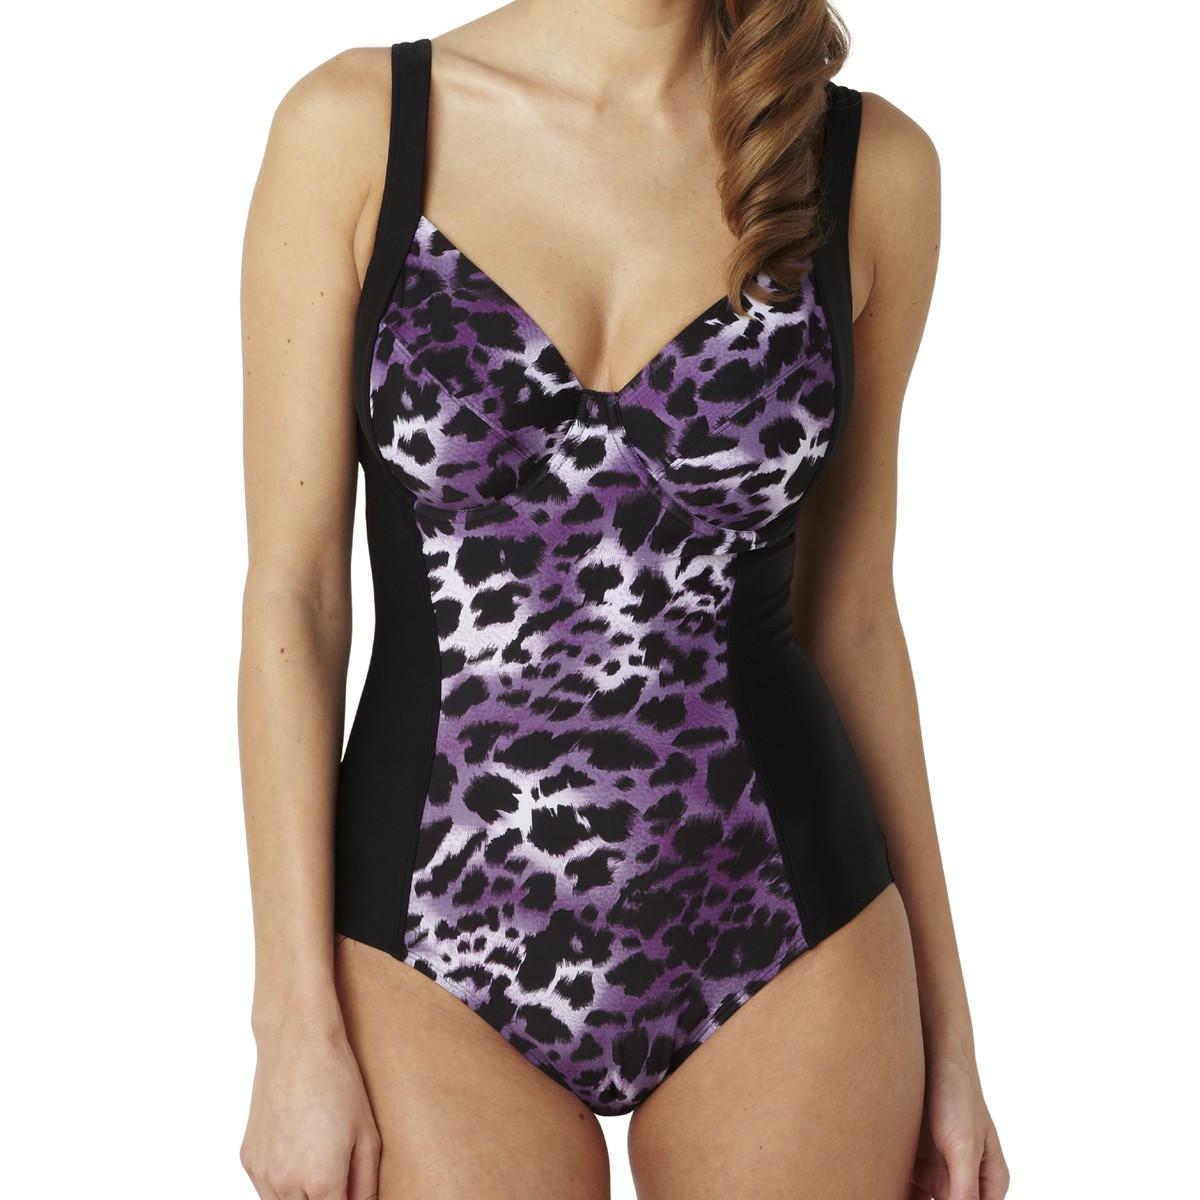 Panache Tallulah Balconnet Swimsuit - Purple Animal